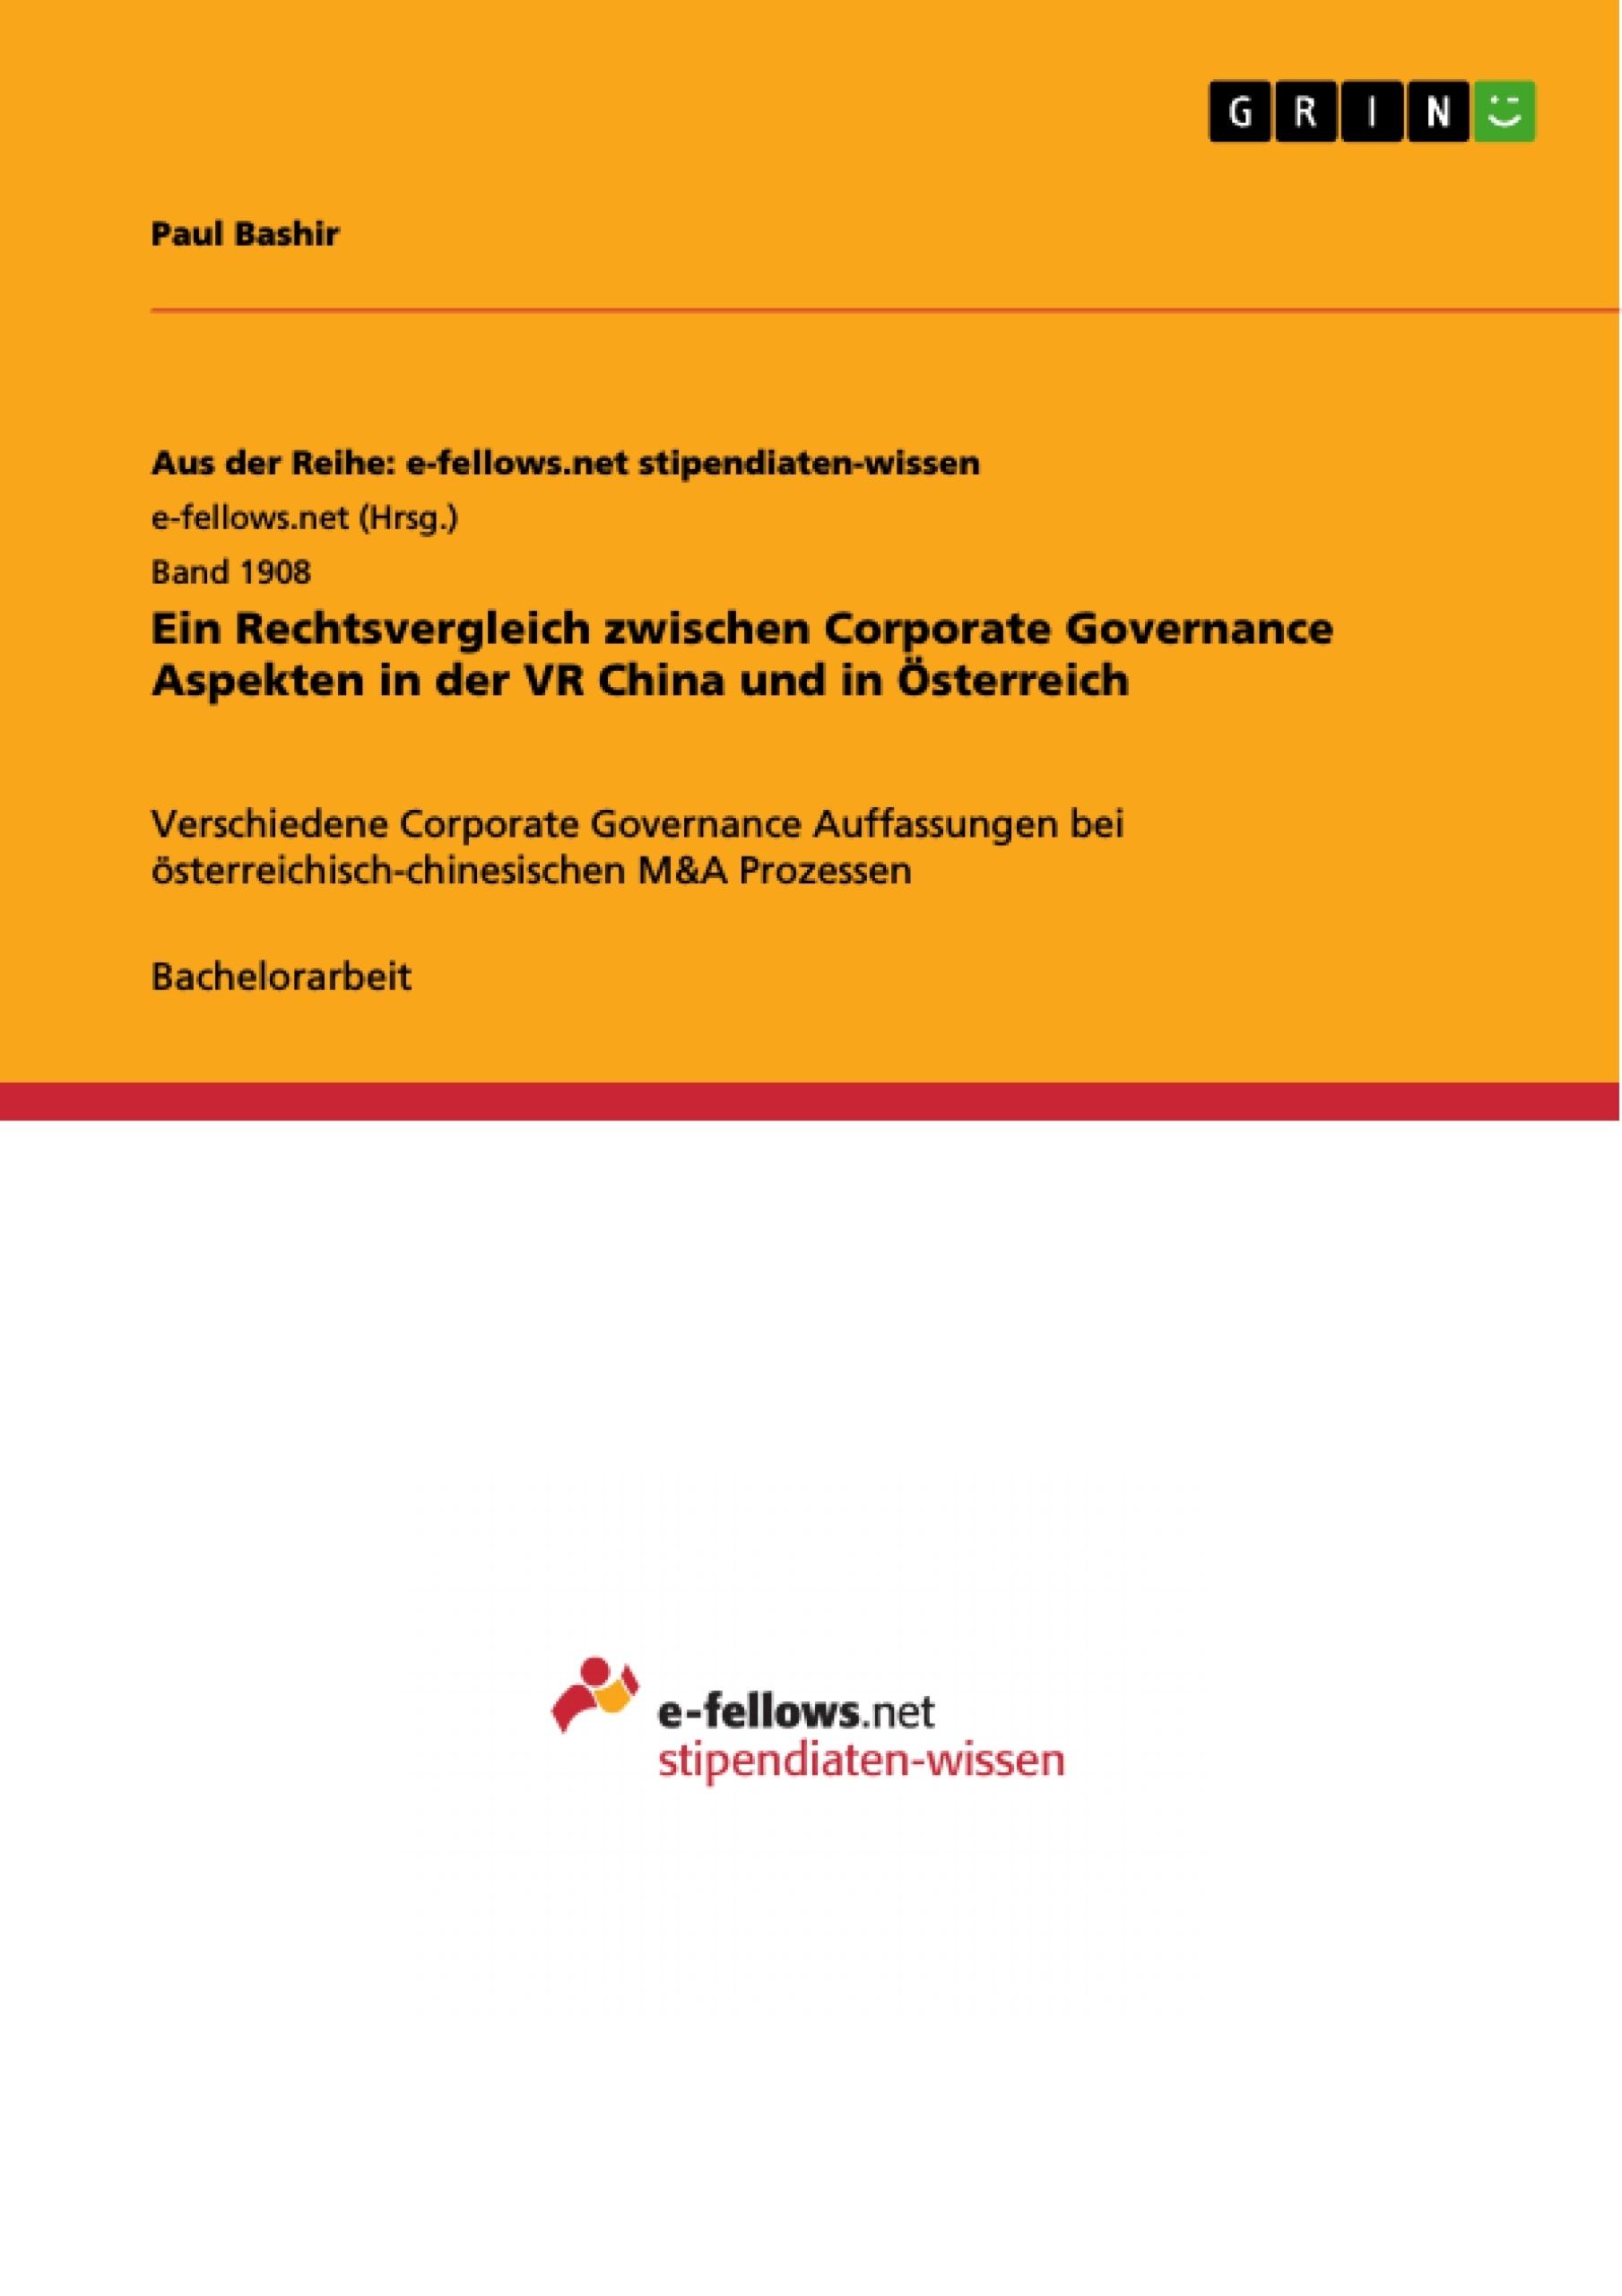 Titel: Ein Rechtsvergleich zwischen Corporate Governance Aspekten in der VR China und in Österreich